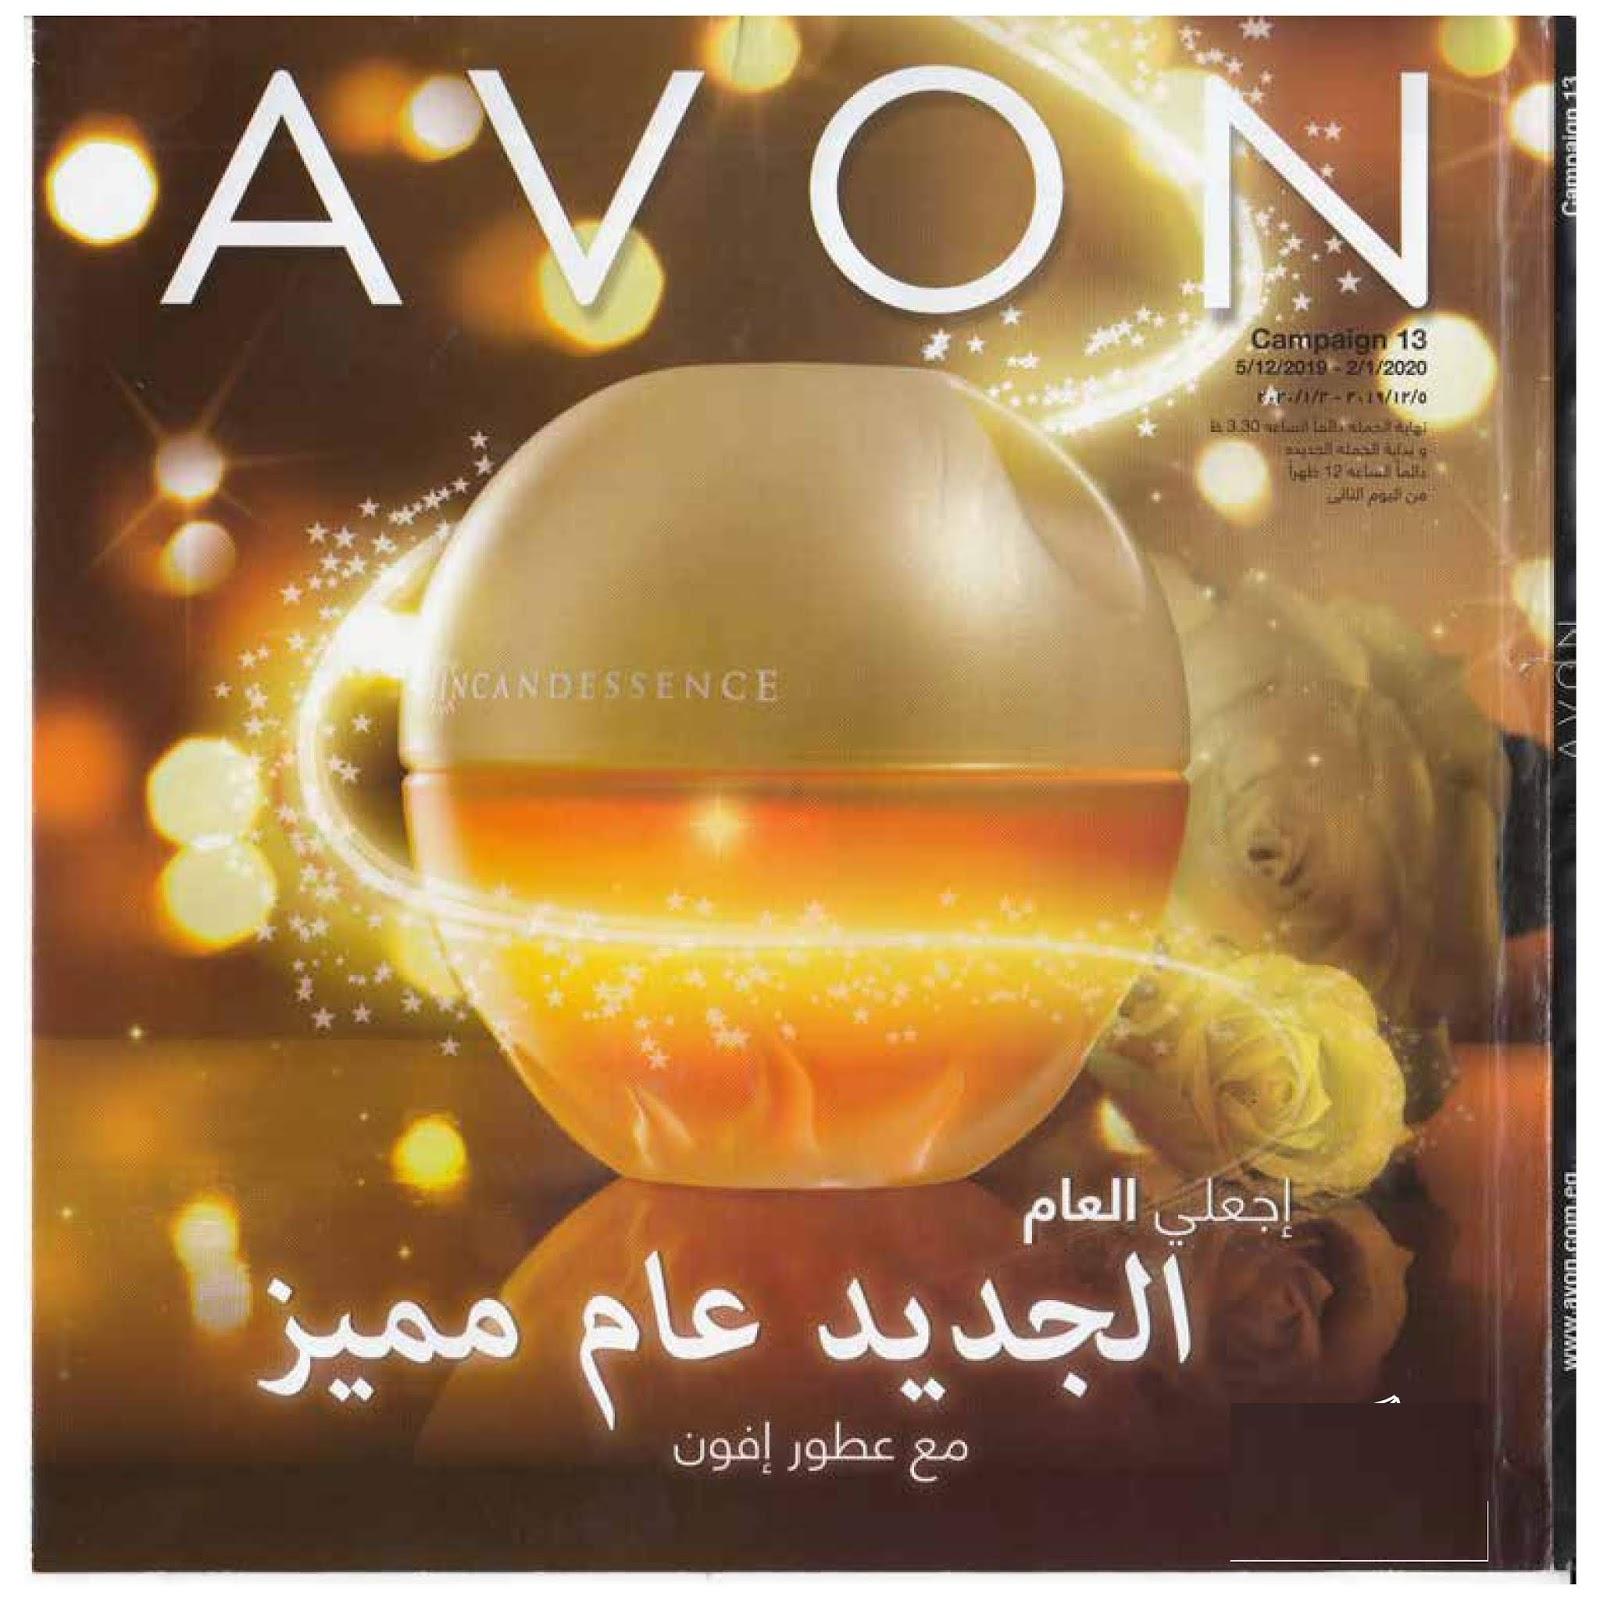 كتالوج ايفون الجديد Avon ديسمبر 2019 من 5 ديسمبر 2019 حتى 2 يناير 2020